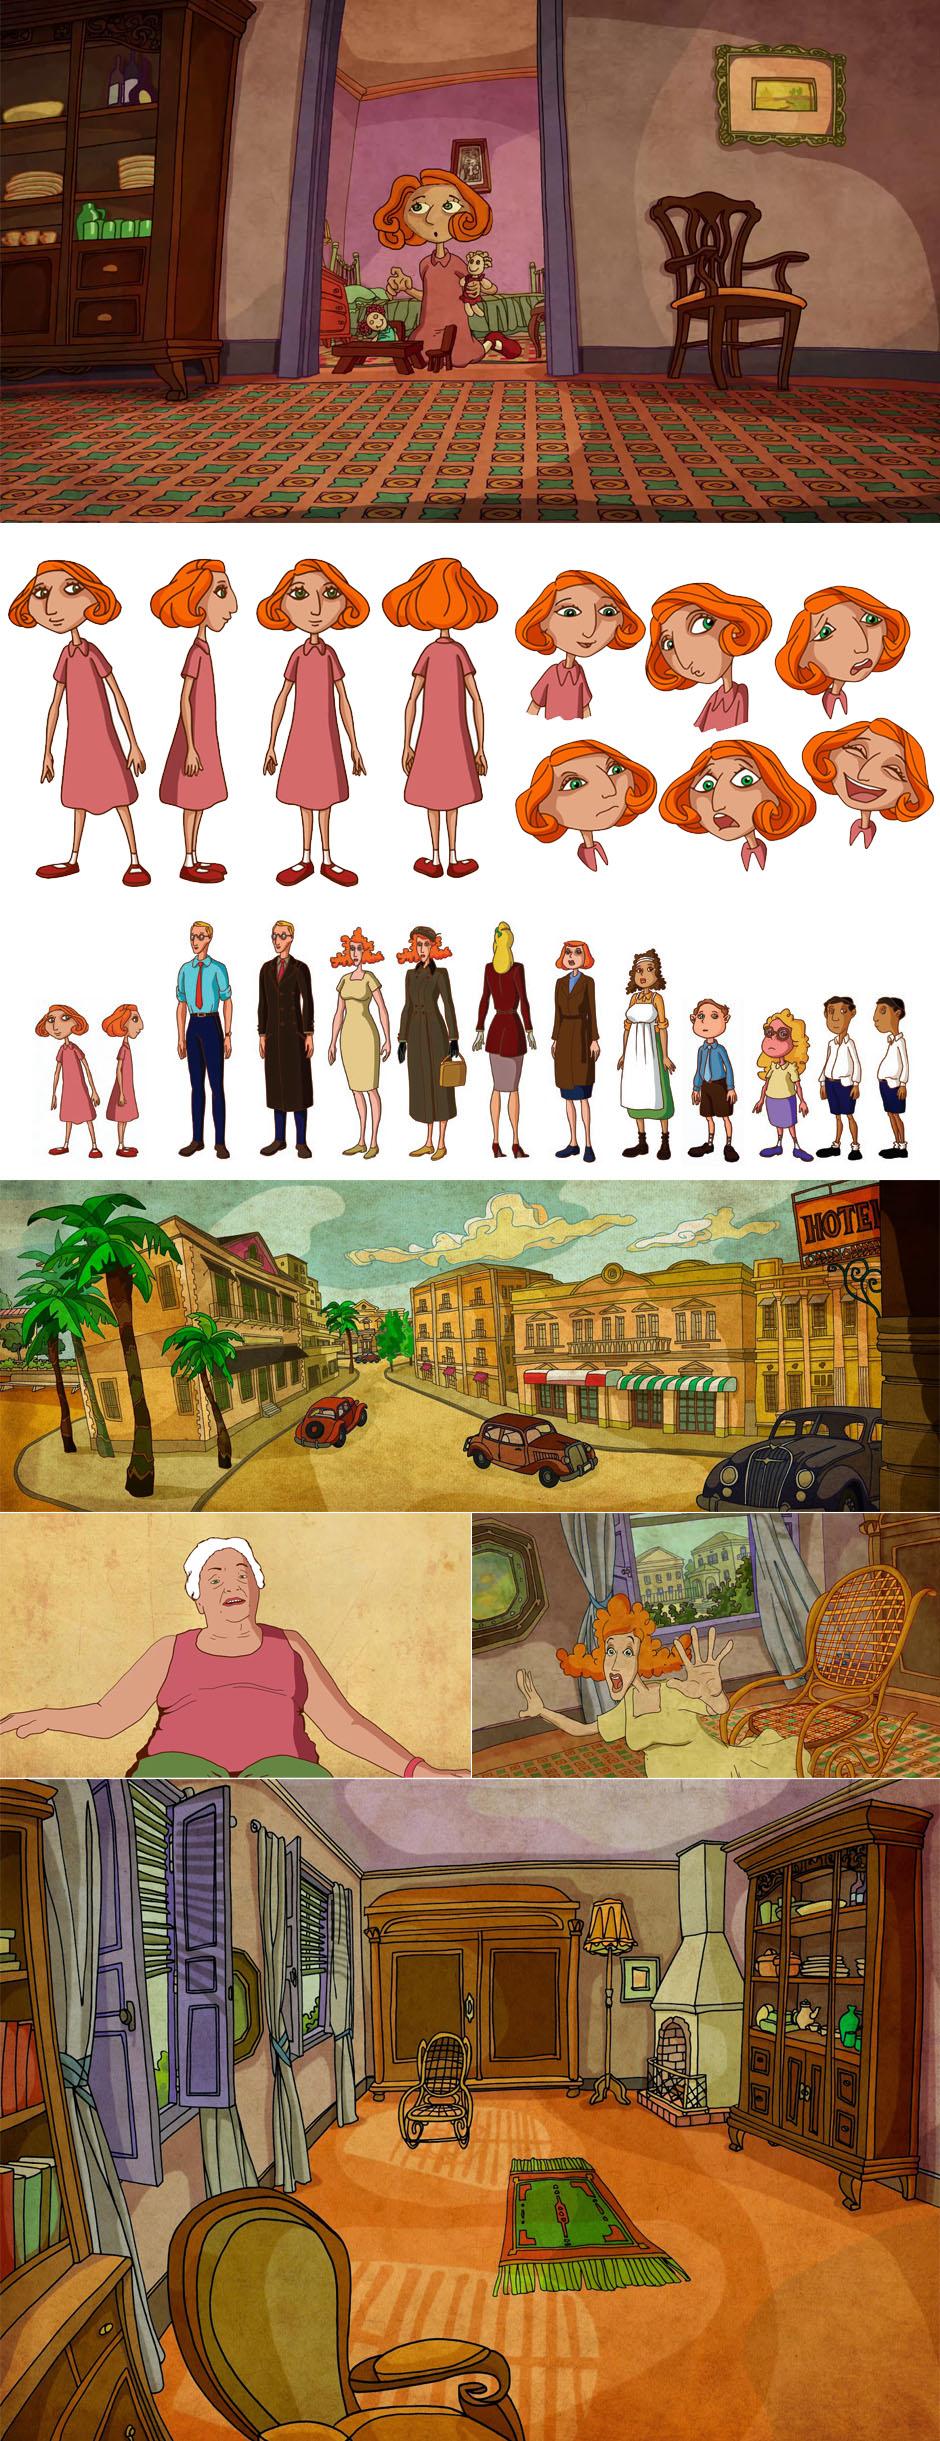 Cuentos de Viejos 2 - Episodio 11 - Concept design